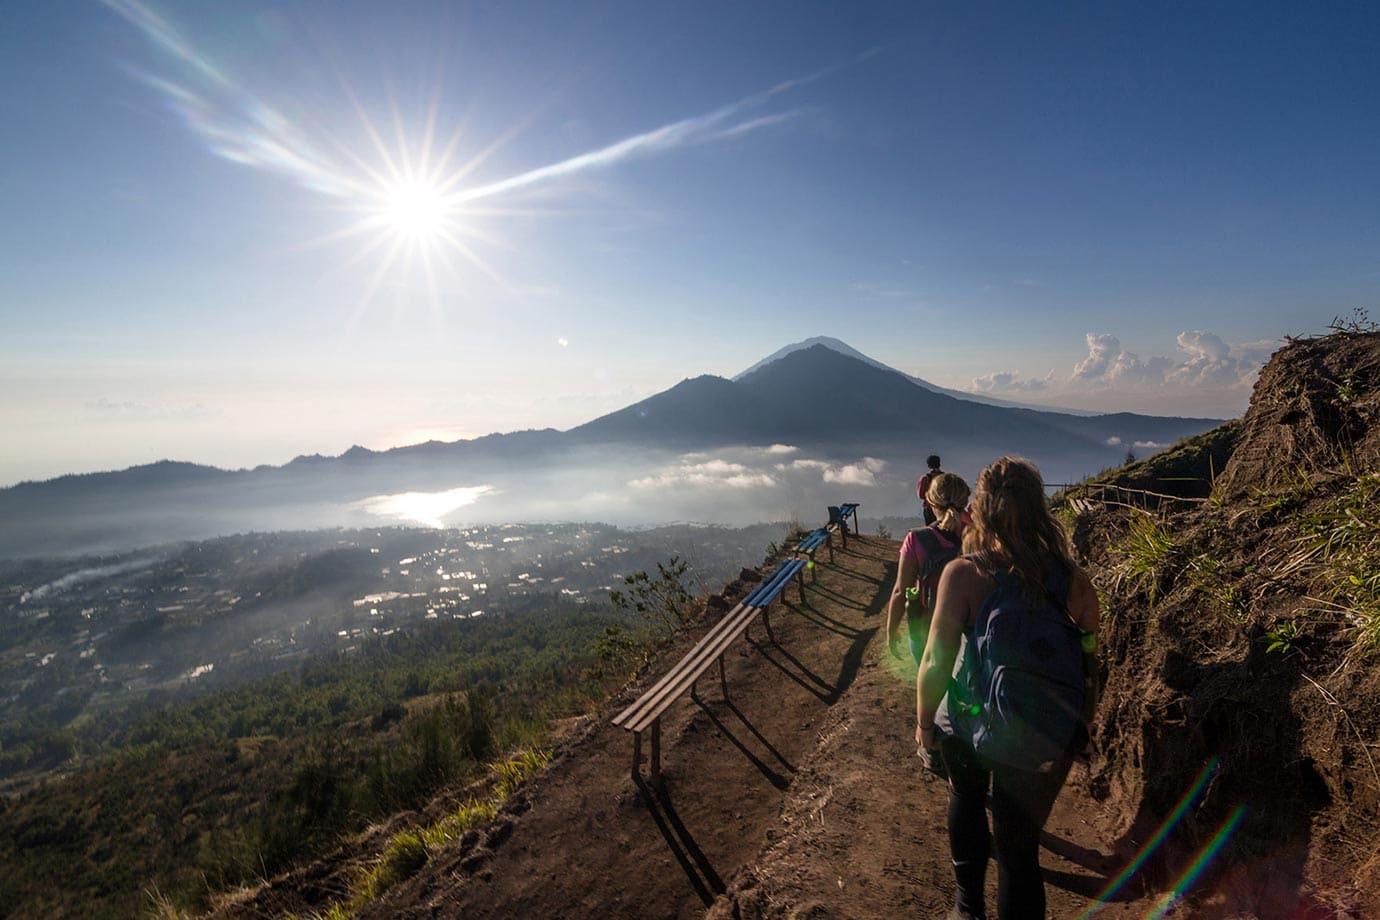 Benches, Mount Batur